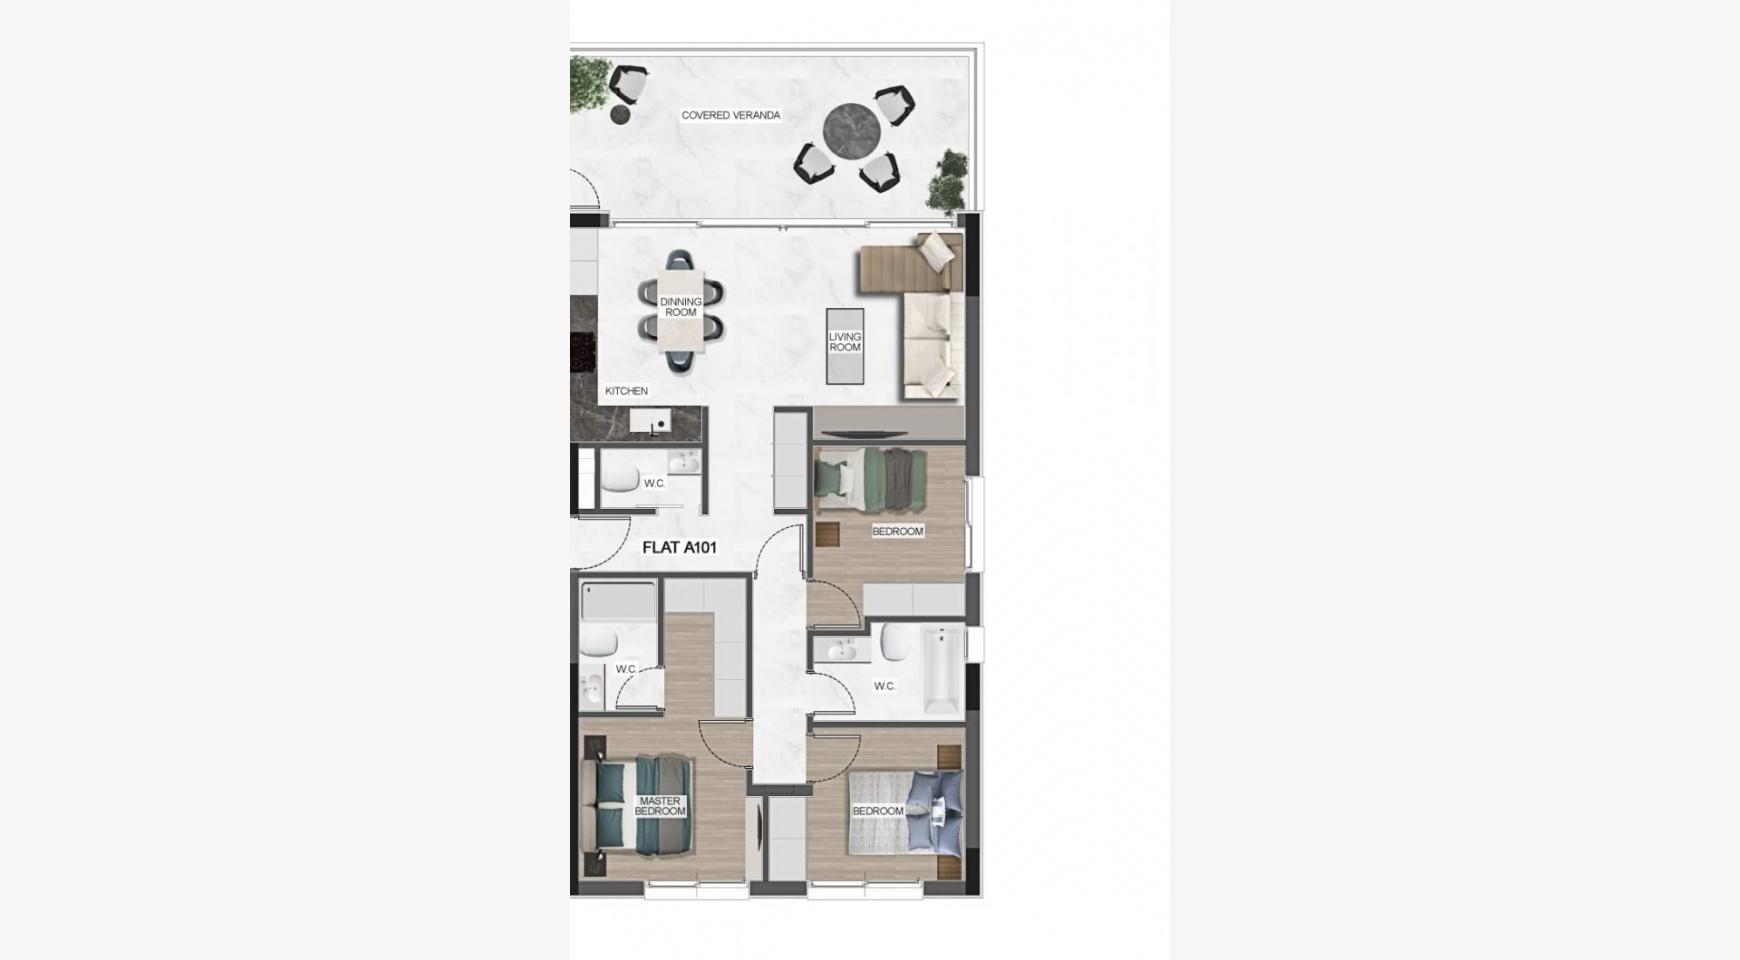 Urban City Residences, Кв. C 502. 2-Спальная Квартира в Новом Комплексе в Центре Города - 43